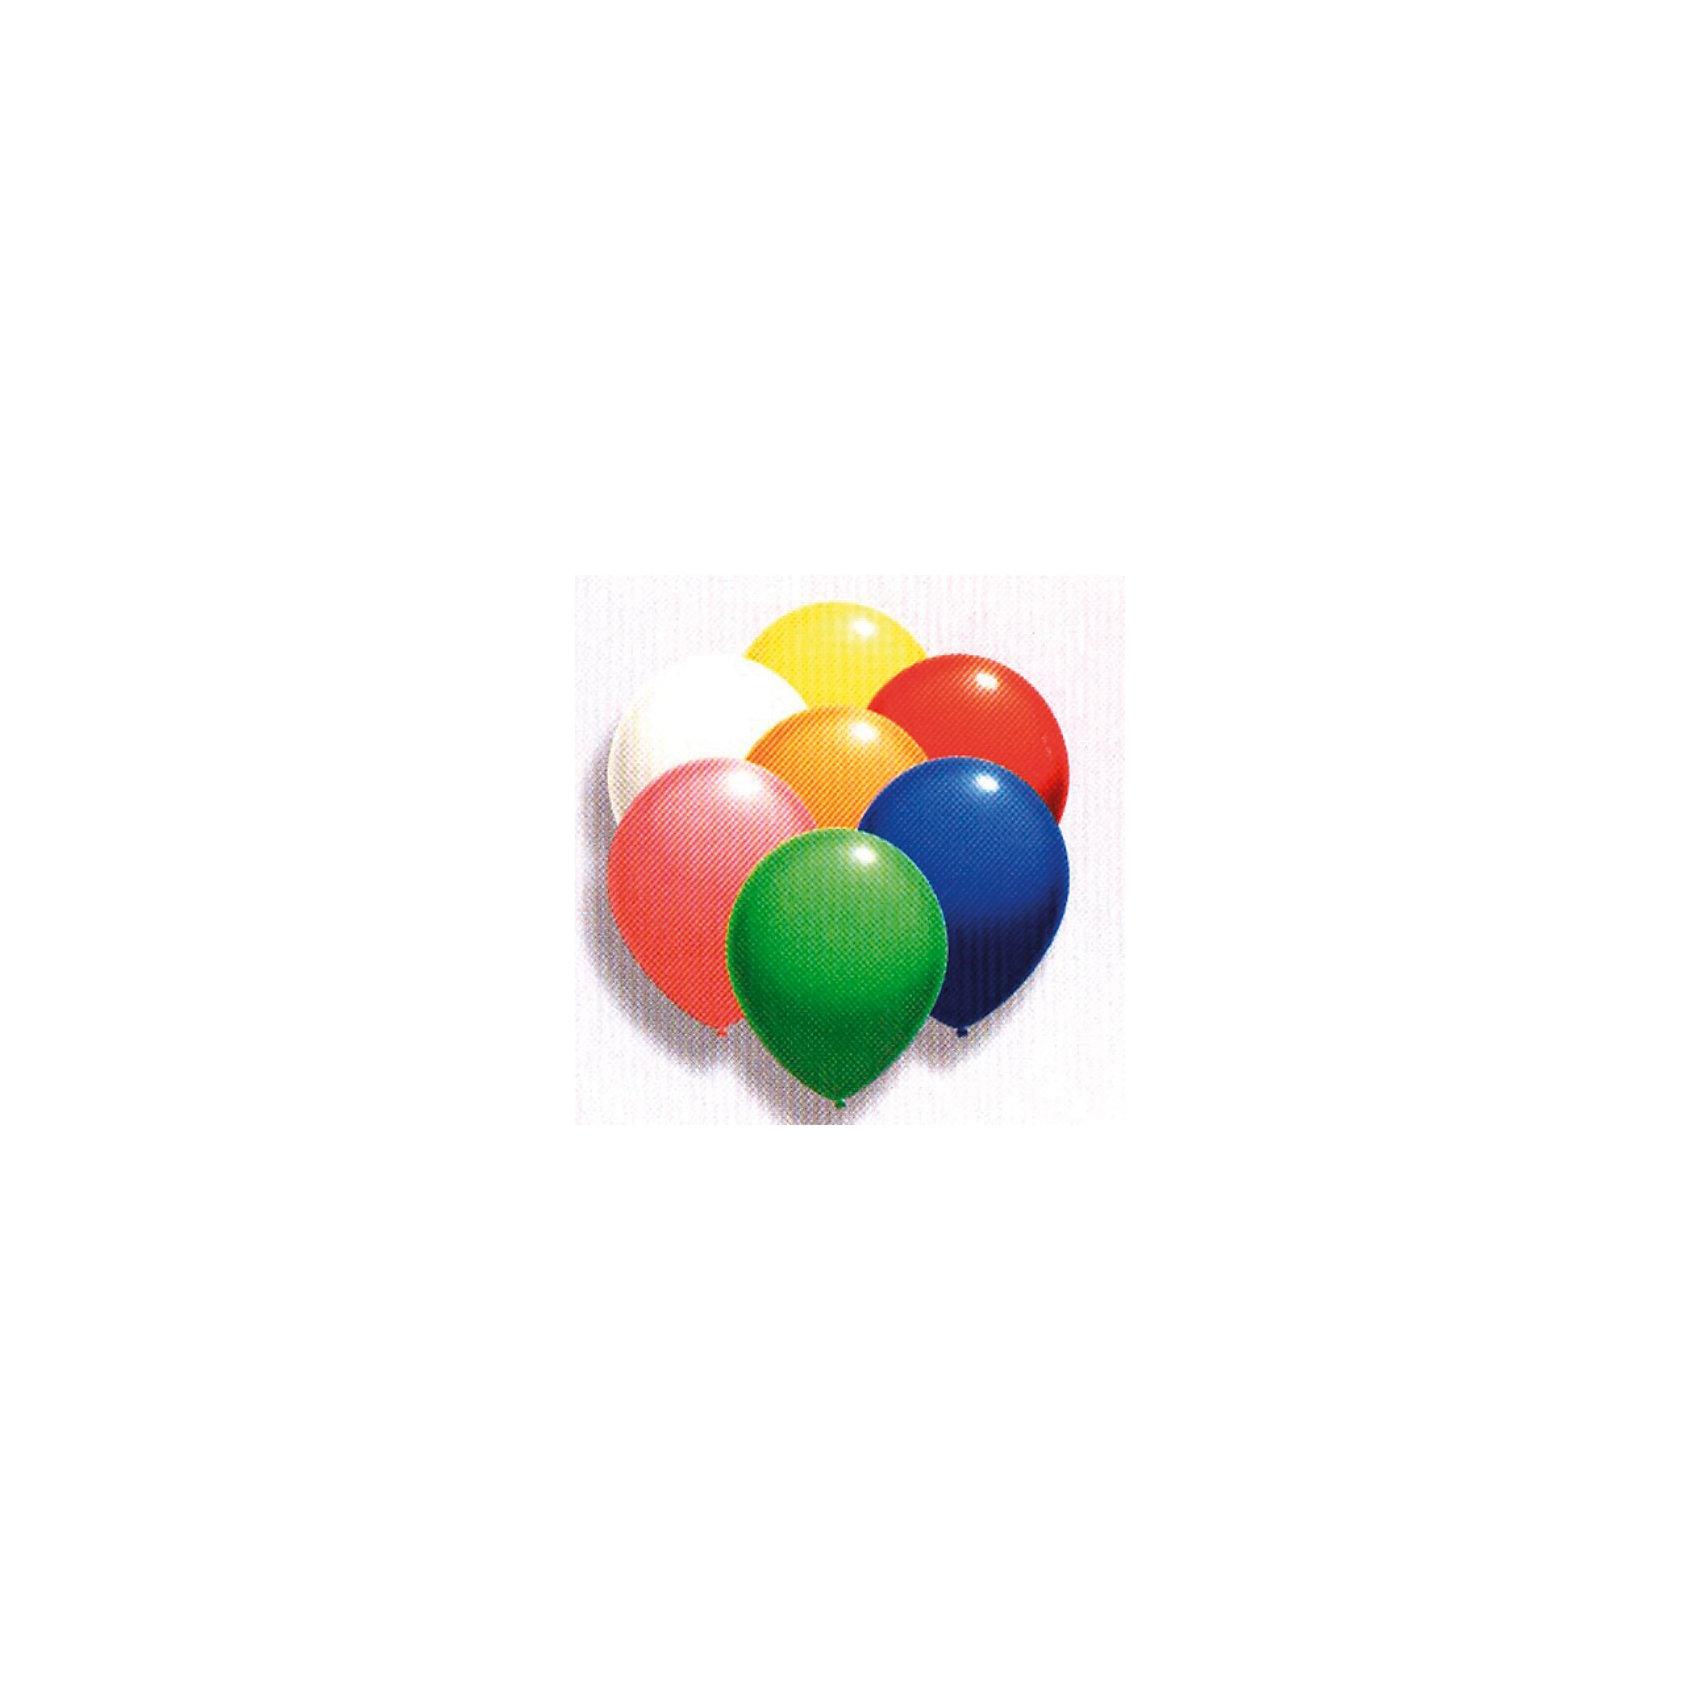 Everts Упаковка 100 шариков 10Всё для праздника<br>Набор из 100 надувных шариков для декорирования украсят Ваш праздник. В набор входят шарики разных цветов. Шарики сделаны из безопасных материалов, поэтому играть в них можно с рождения. Надувание шариков способствует развитию дыхательной системы человека, а созерцание развивает эстетическое восприятие.<br><br>Упаковку 100 шариков 10, Everts можно купить в нашем магазине.<br><br>Ширина мм: 210<br>Глубина мм: 350<br>Высота мм: 50<br>Вес г: 230<br>Возраст от месяцев: 36<br>Возраст до месяцев: 1188<br>Пол: Унисекс<br>Возраст: Детский<br>SKU: 2433020